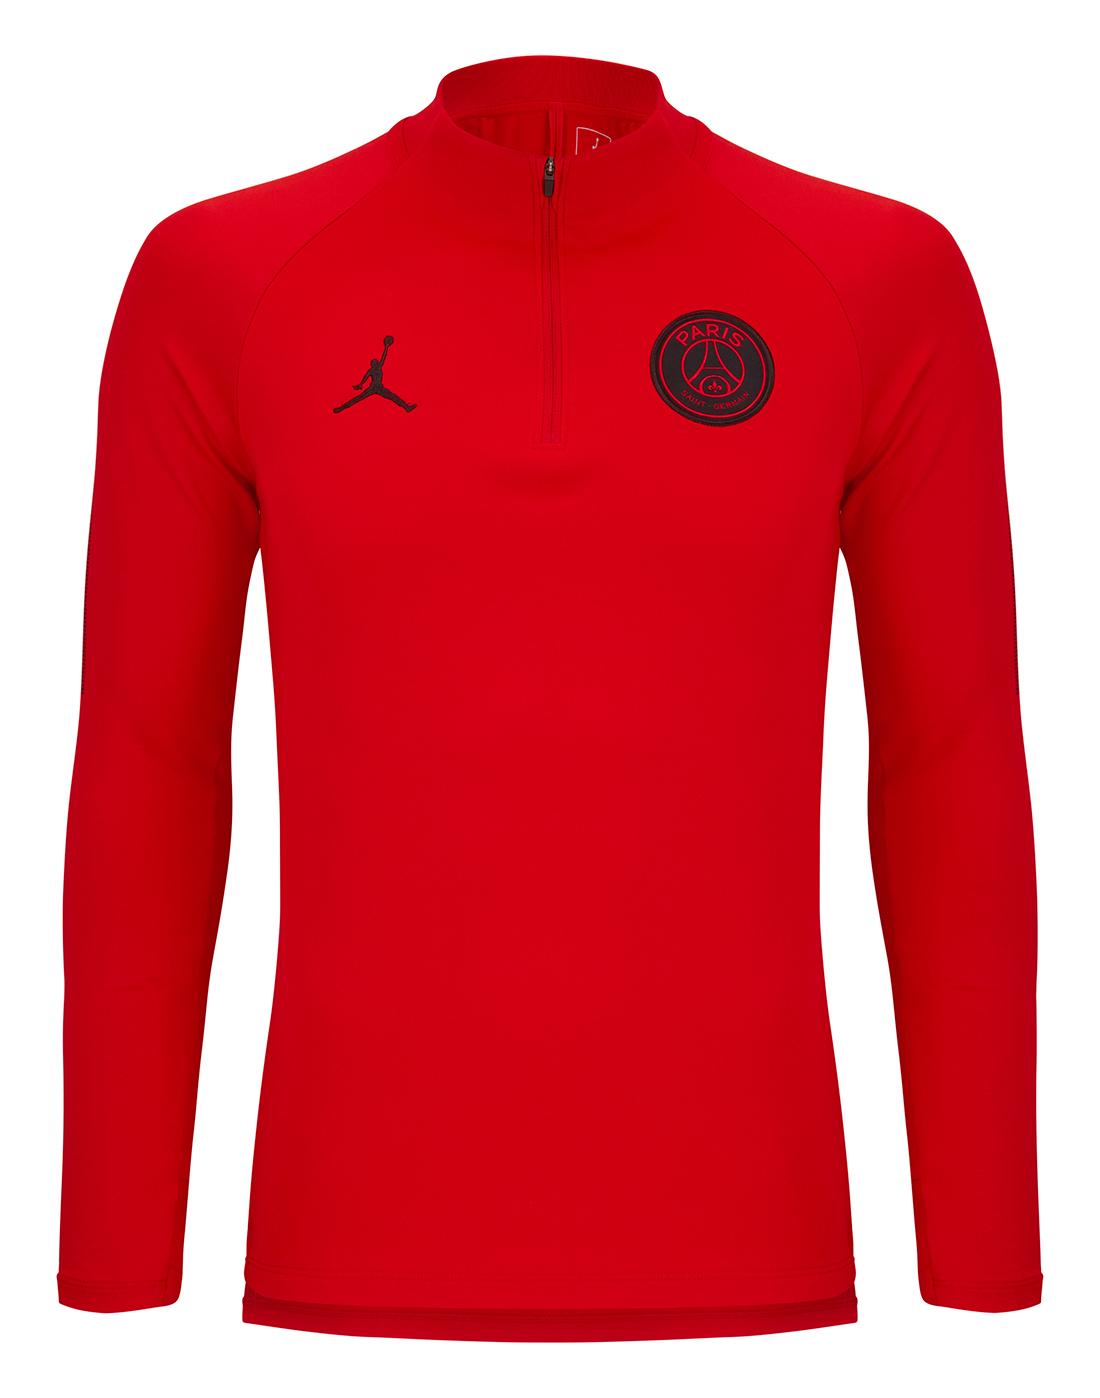 44d22053673 Nike Adult PSG Jordan Training 1/4 Zip   Life Style Sports